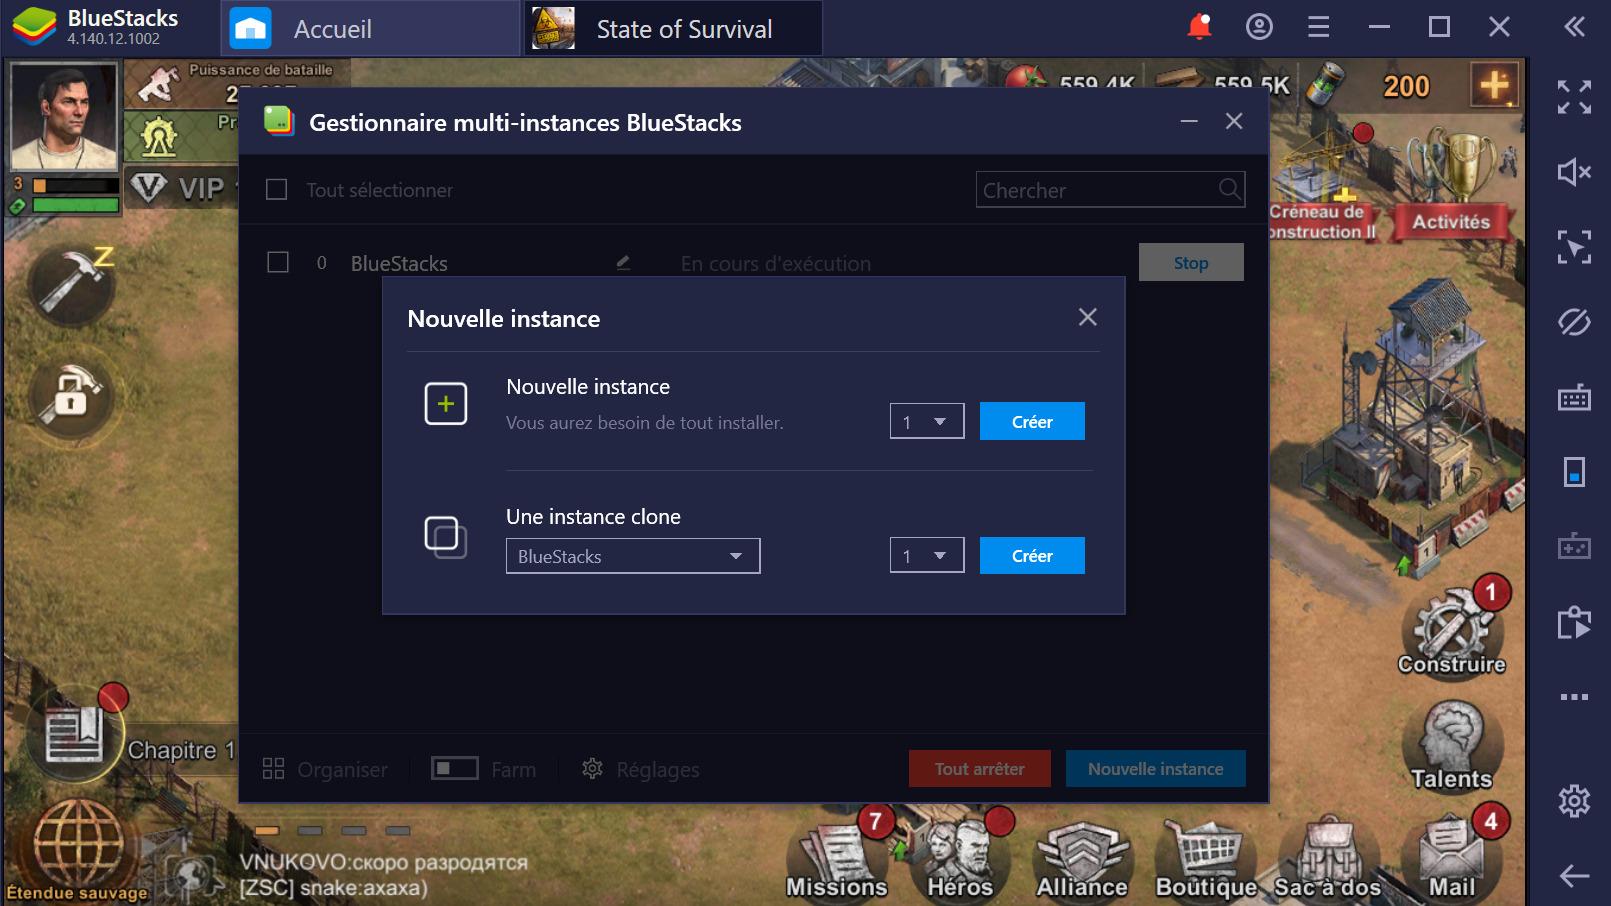 State of Survival sur PC : Utiliser BlueStacks pour gagner dans ce jeu de zombies